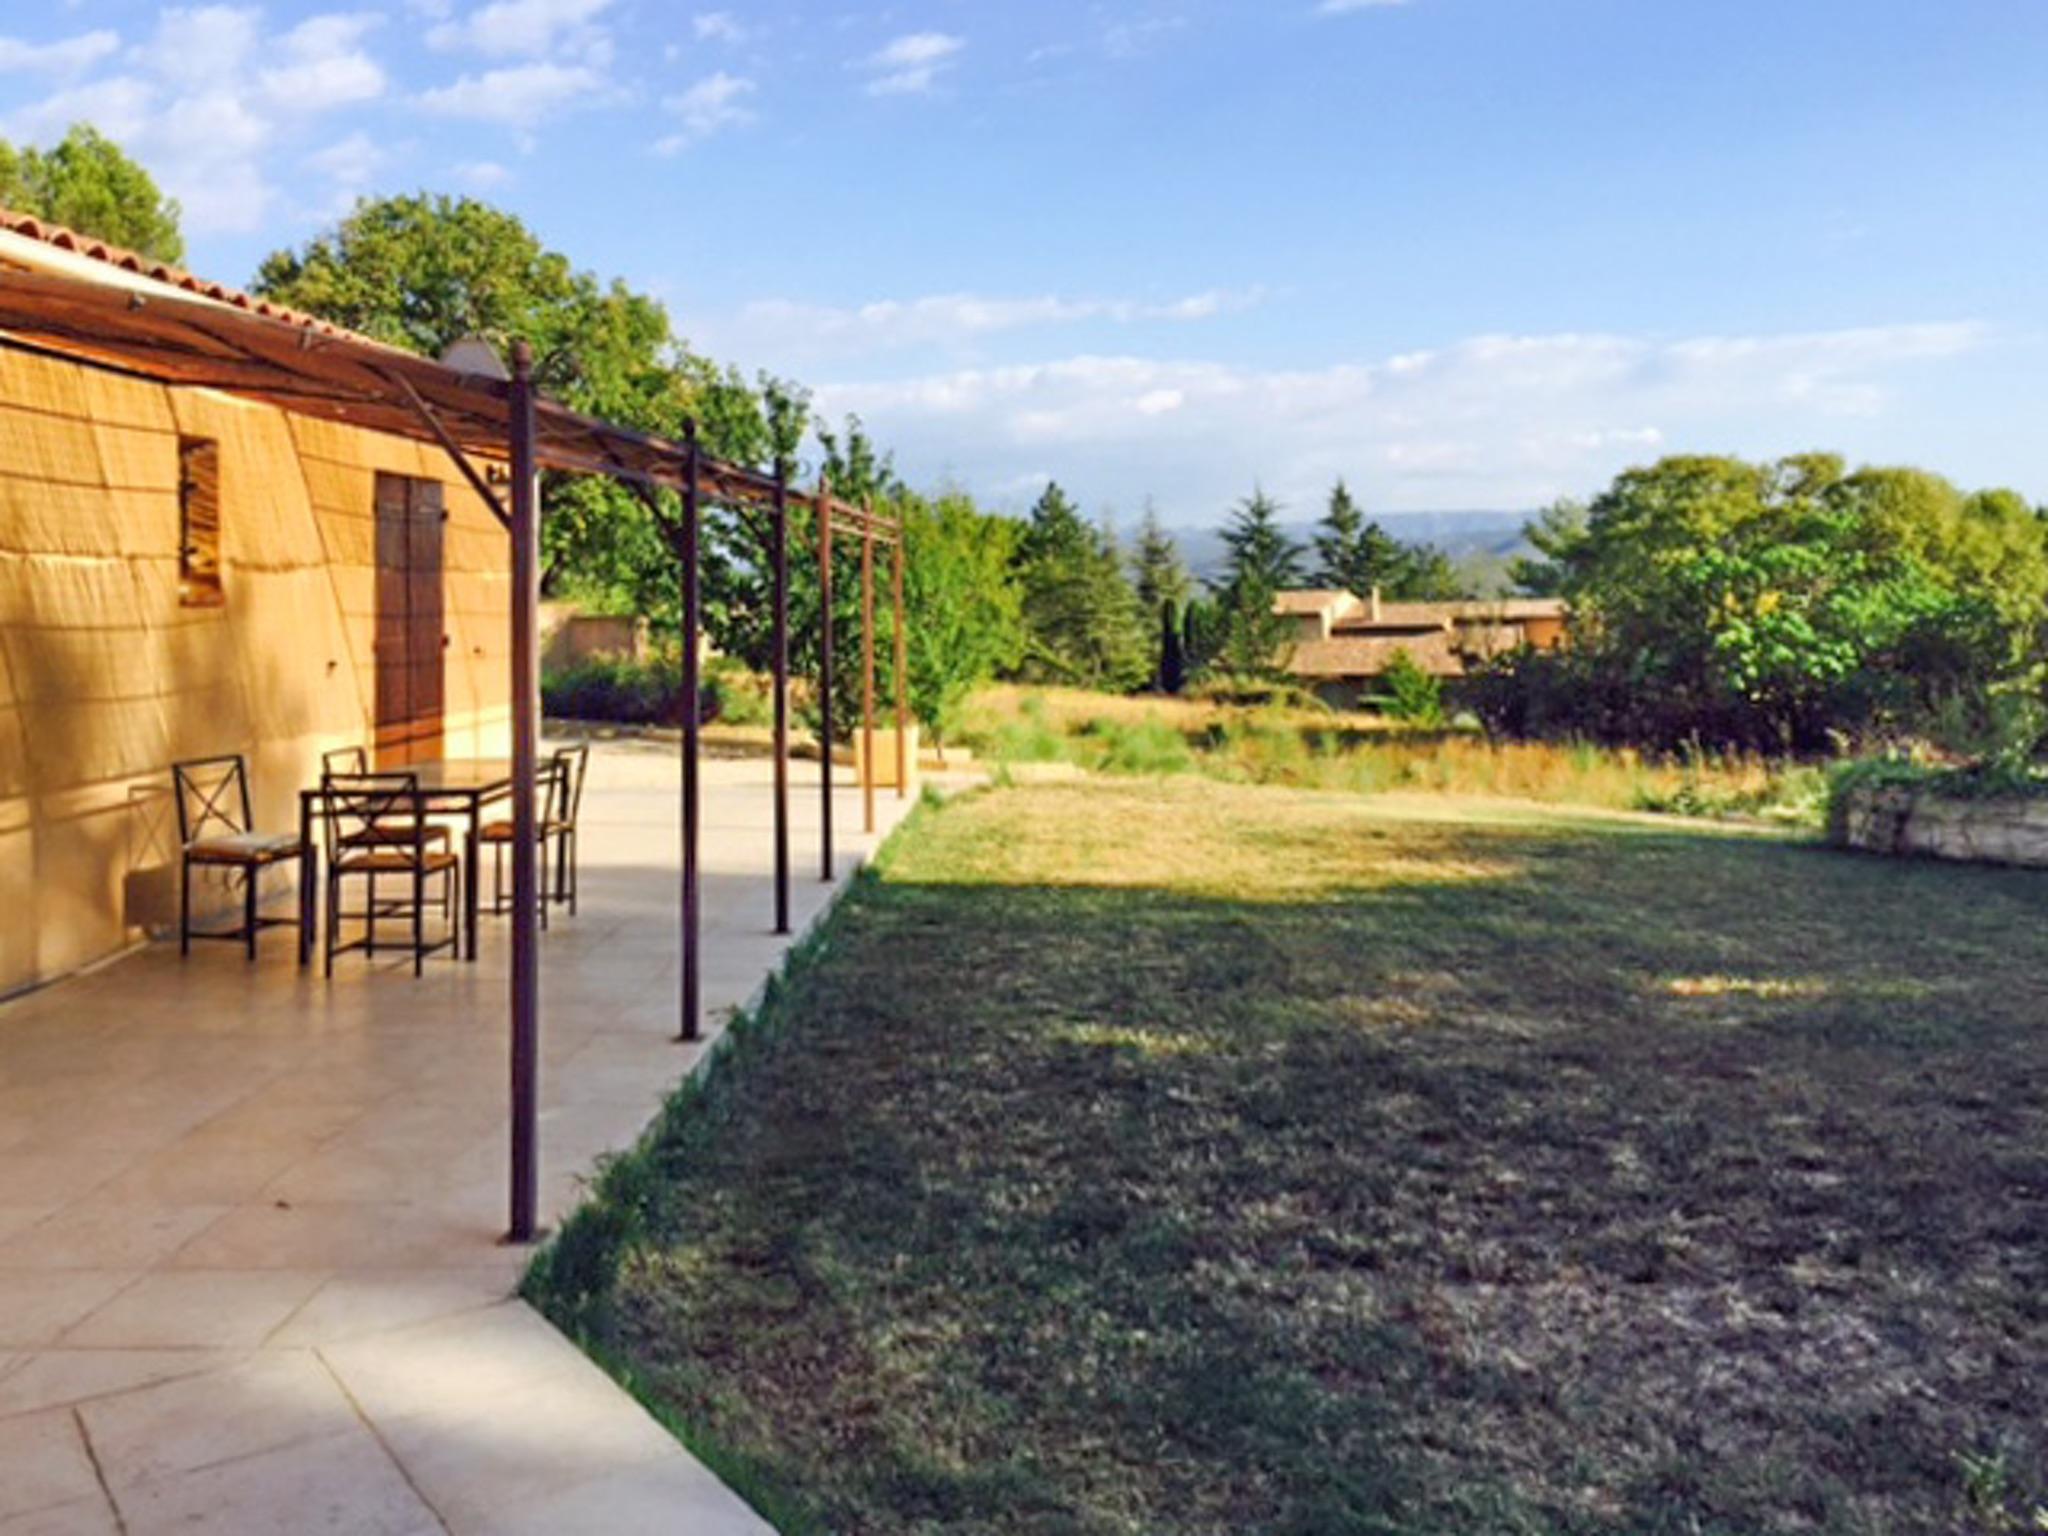 Ferienhaus Haus mit drei Schlafzimmern, Pool, Garten und Terrasse in der Luberon (2201928), Pertuis, Vaucluse, Provence - Alpen - Côte d'Azur, Frankreich, Bild 28